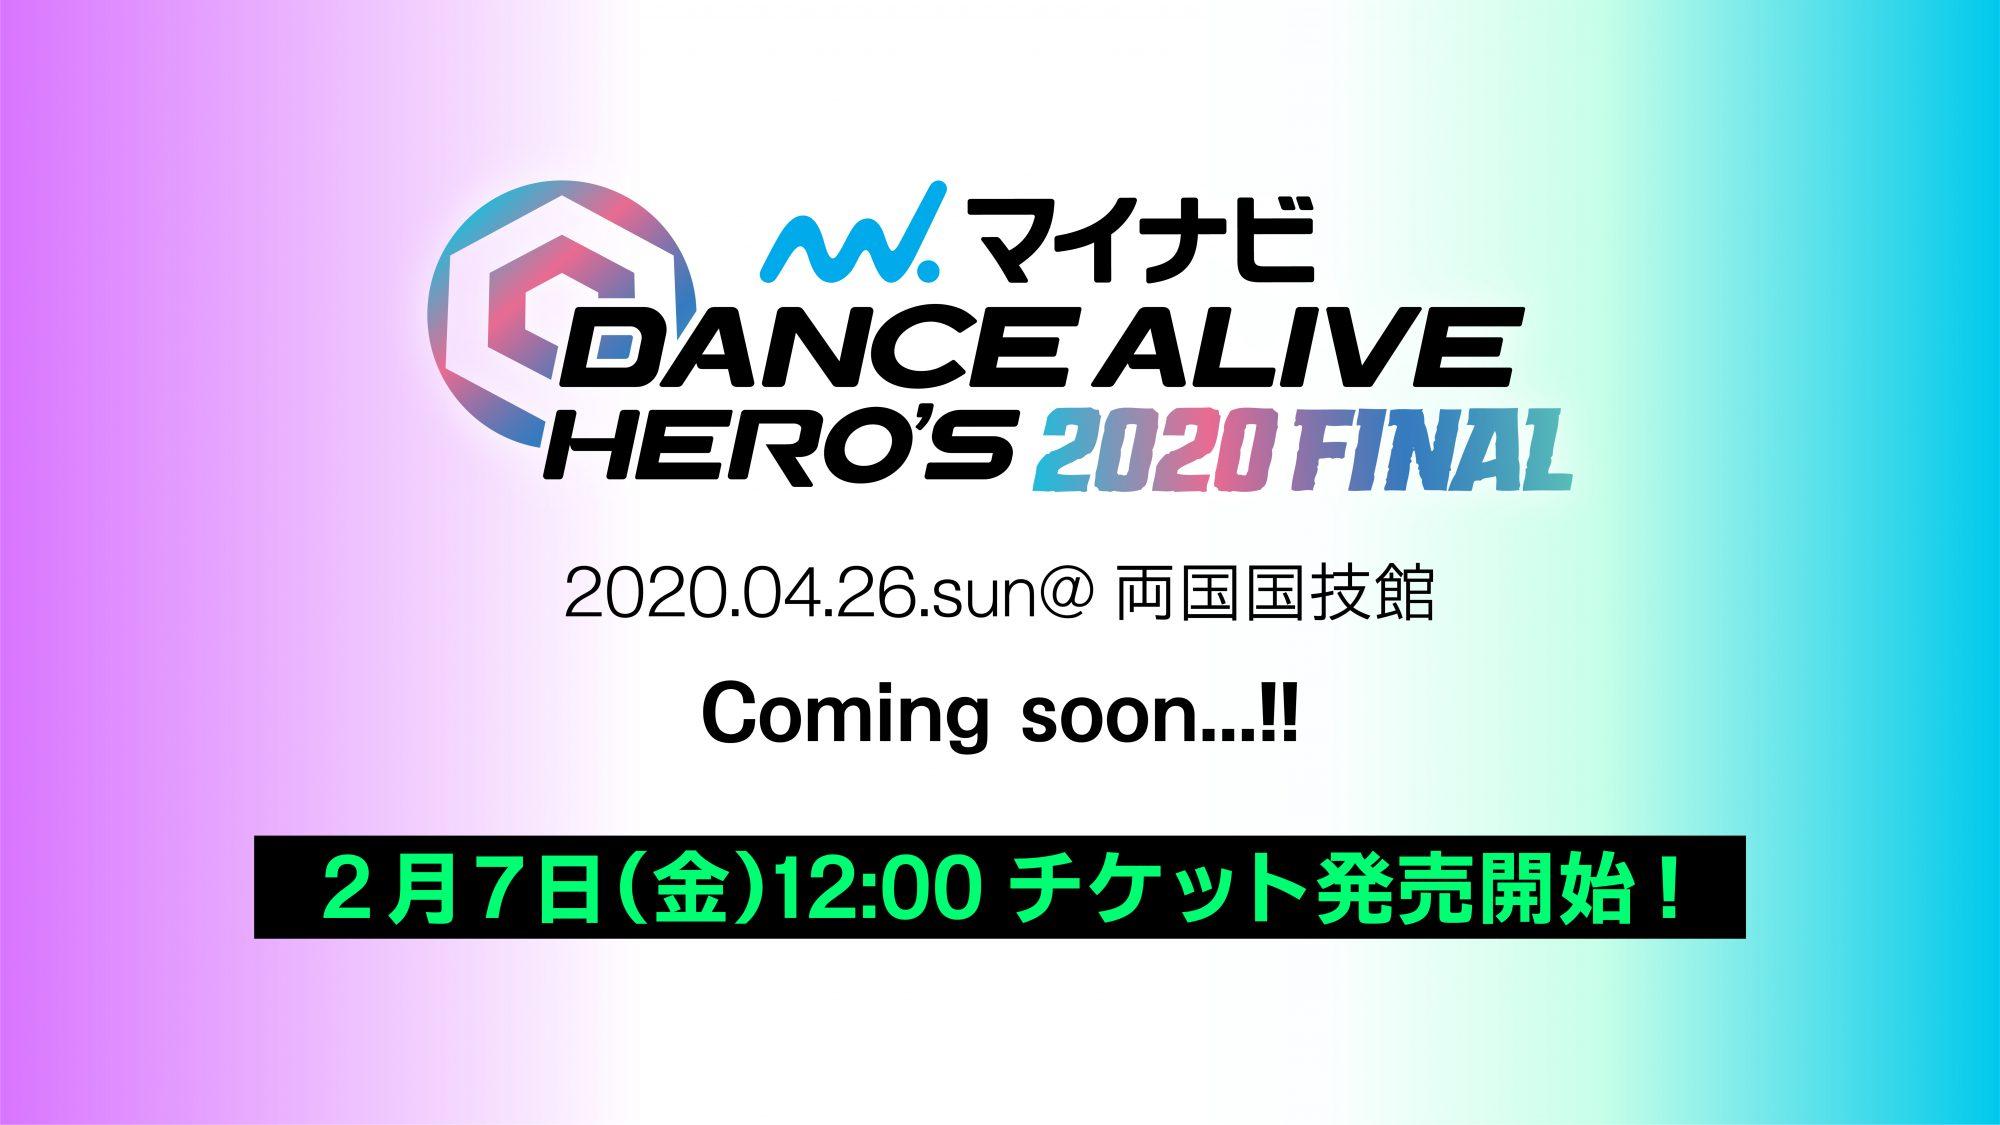 """令和""""初""""のストリートダンス界 最強ヒーローが決まる!『マイナビDANCE ALIVE HERO'S 2020 FINAL』今年も両国国技館で開催決定!"""